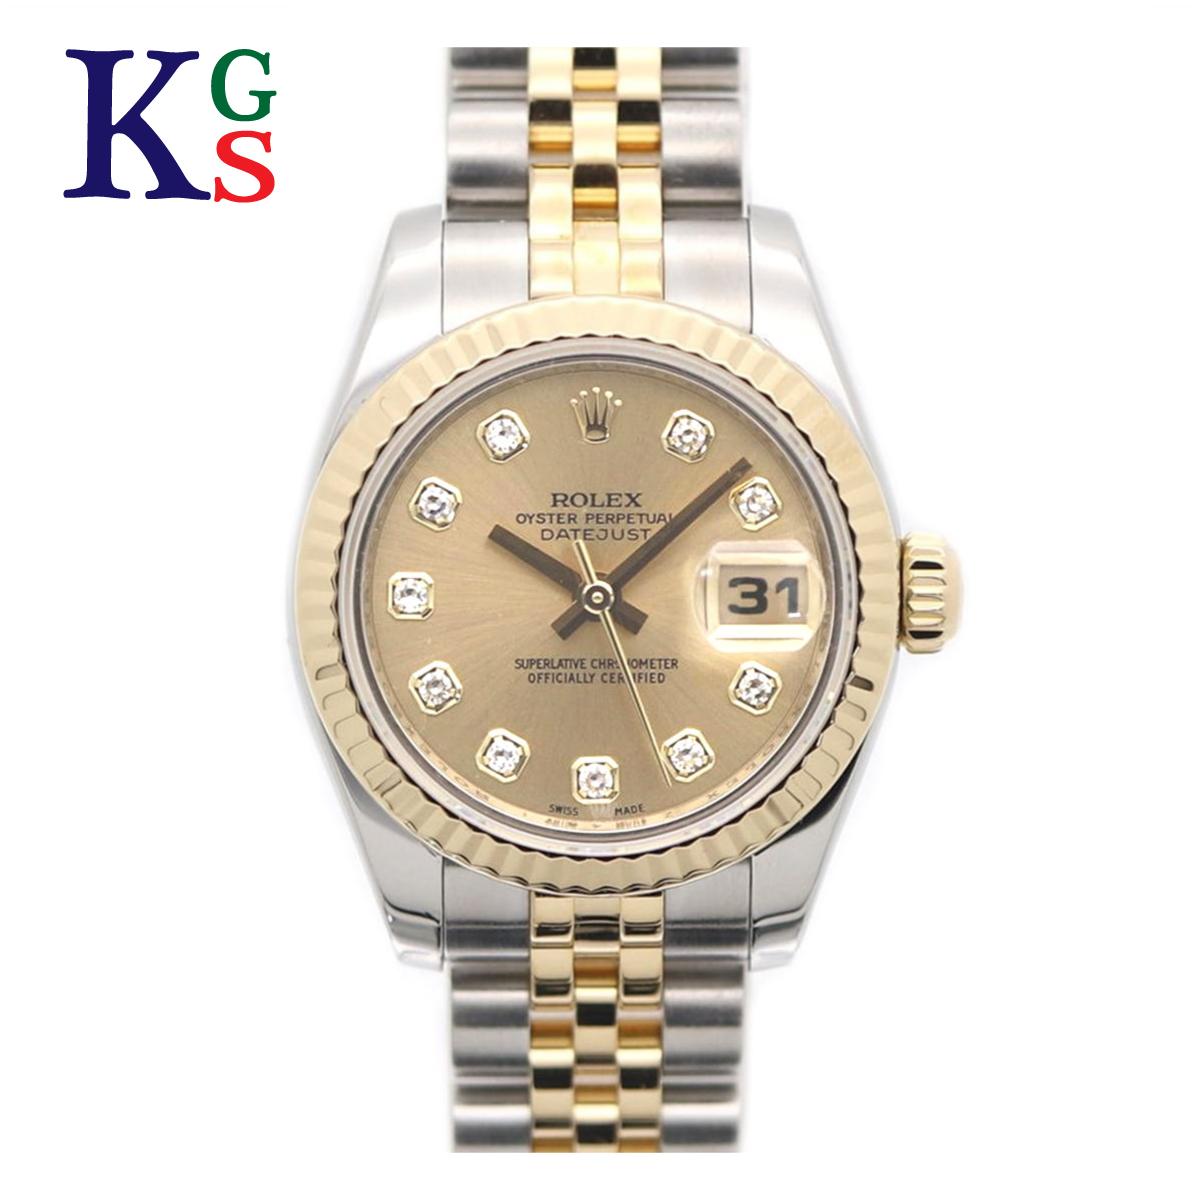 【ギフト品質】ロレックス/ROLEX レディース 腕時計 デイトジャスト K18YG×ステンレススチール イエローゴールド 10Pダイヤ 自動巻き オートマチック 179173G